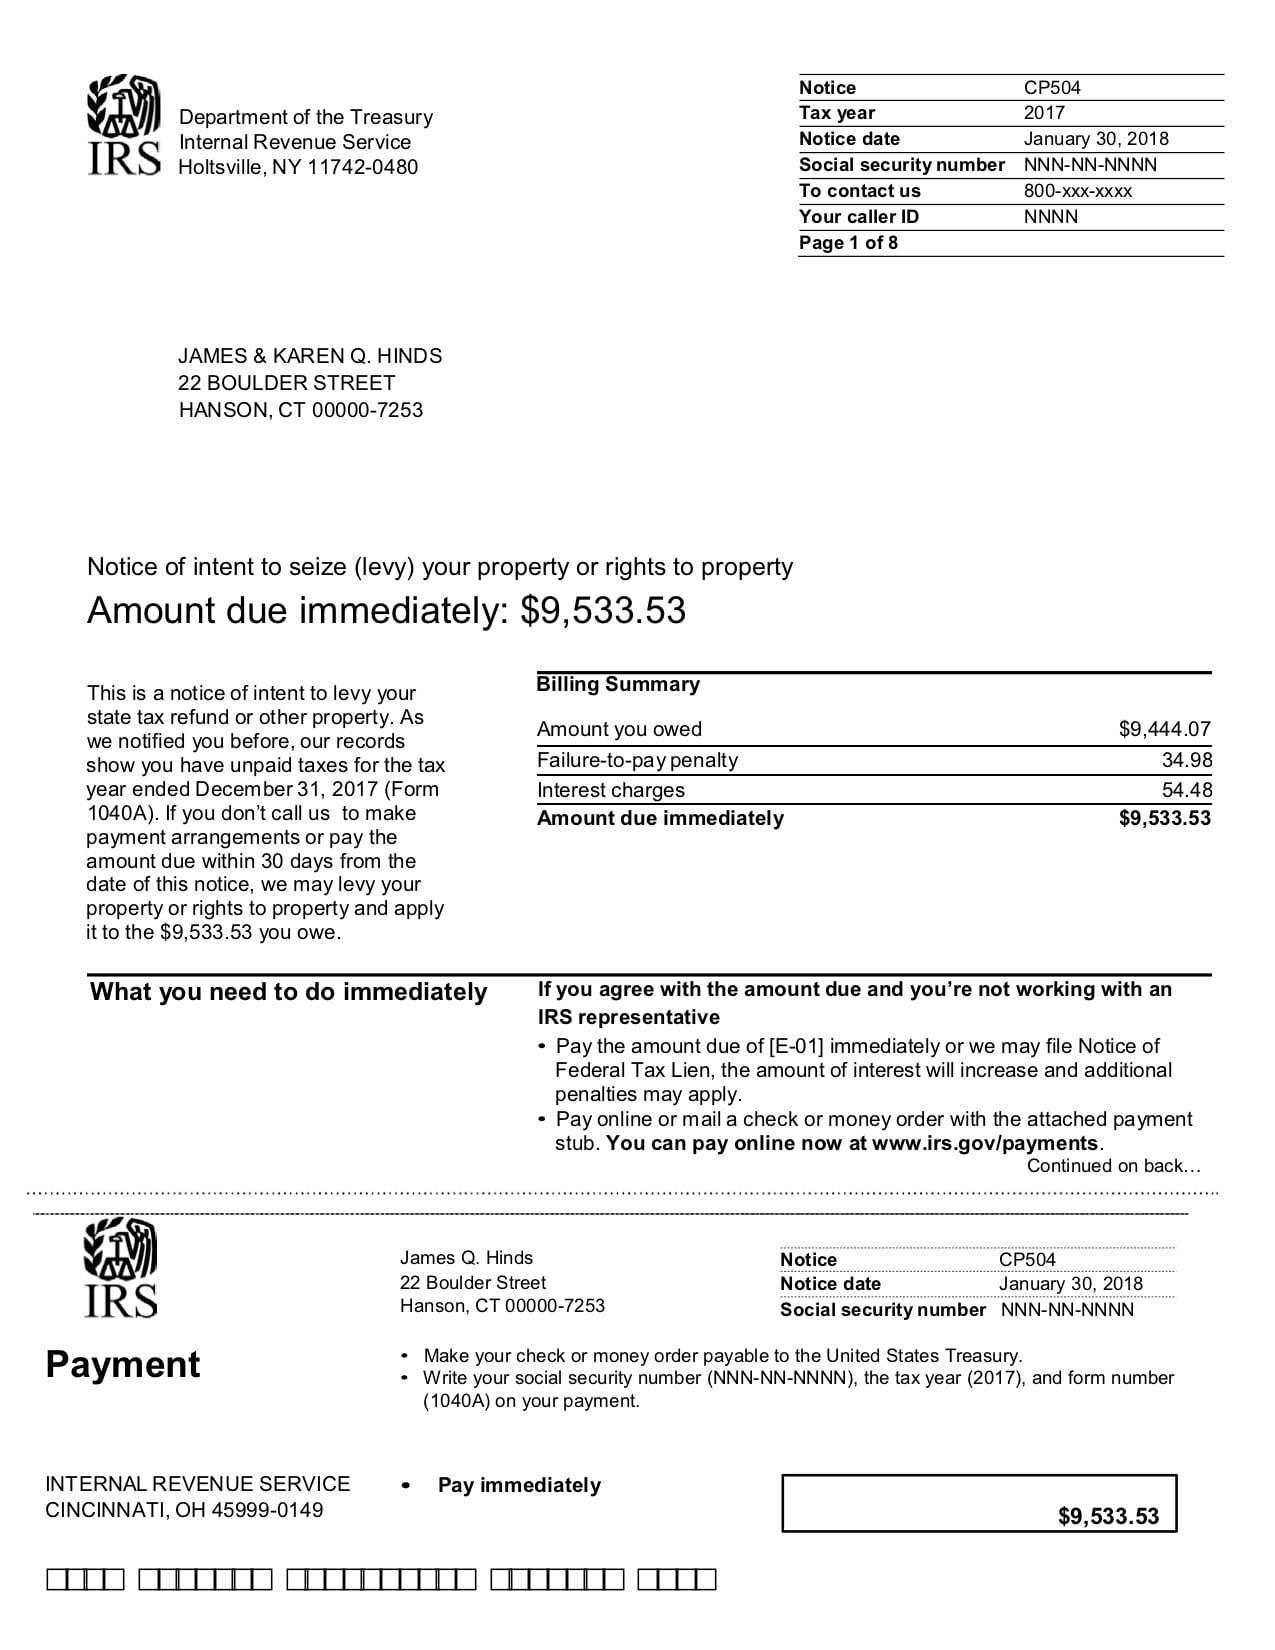 IRS Notice CP504B